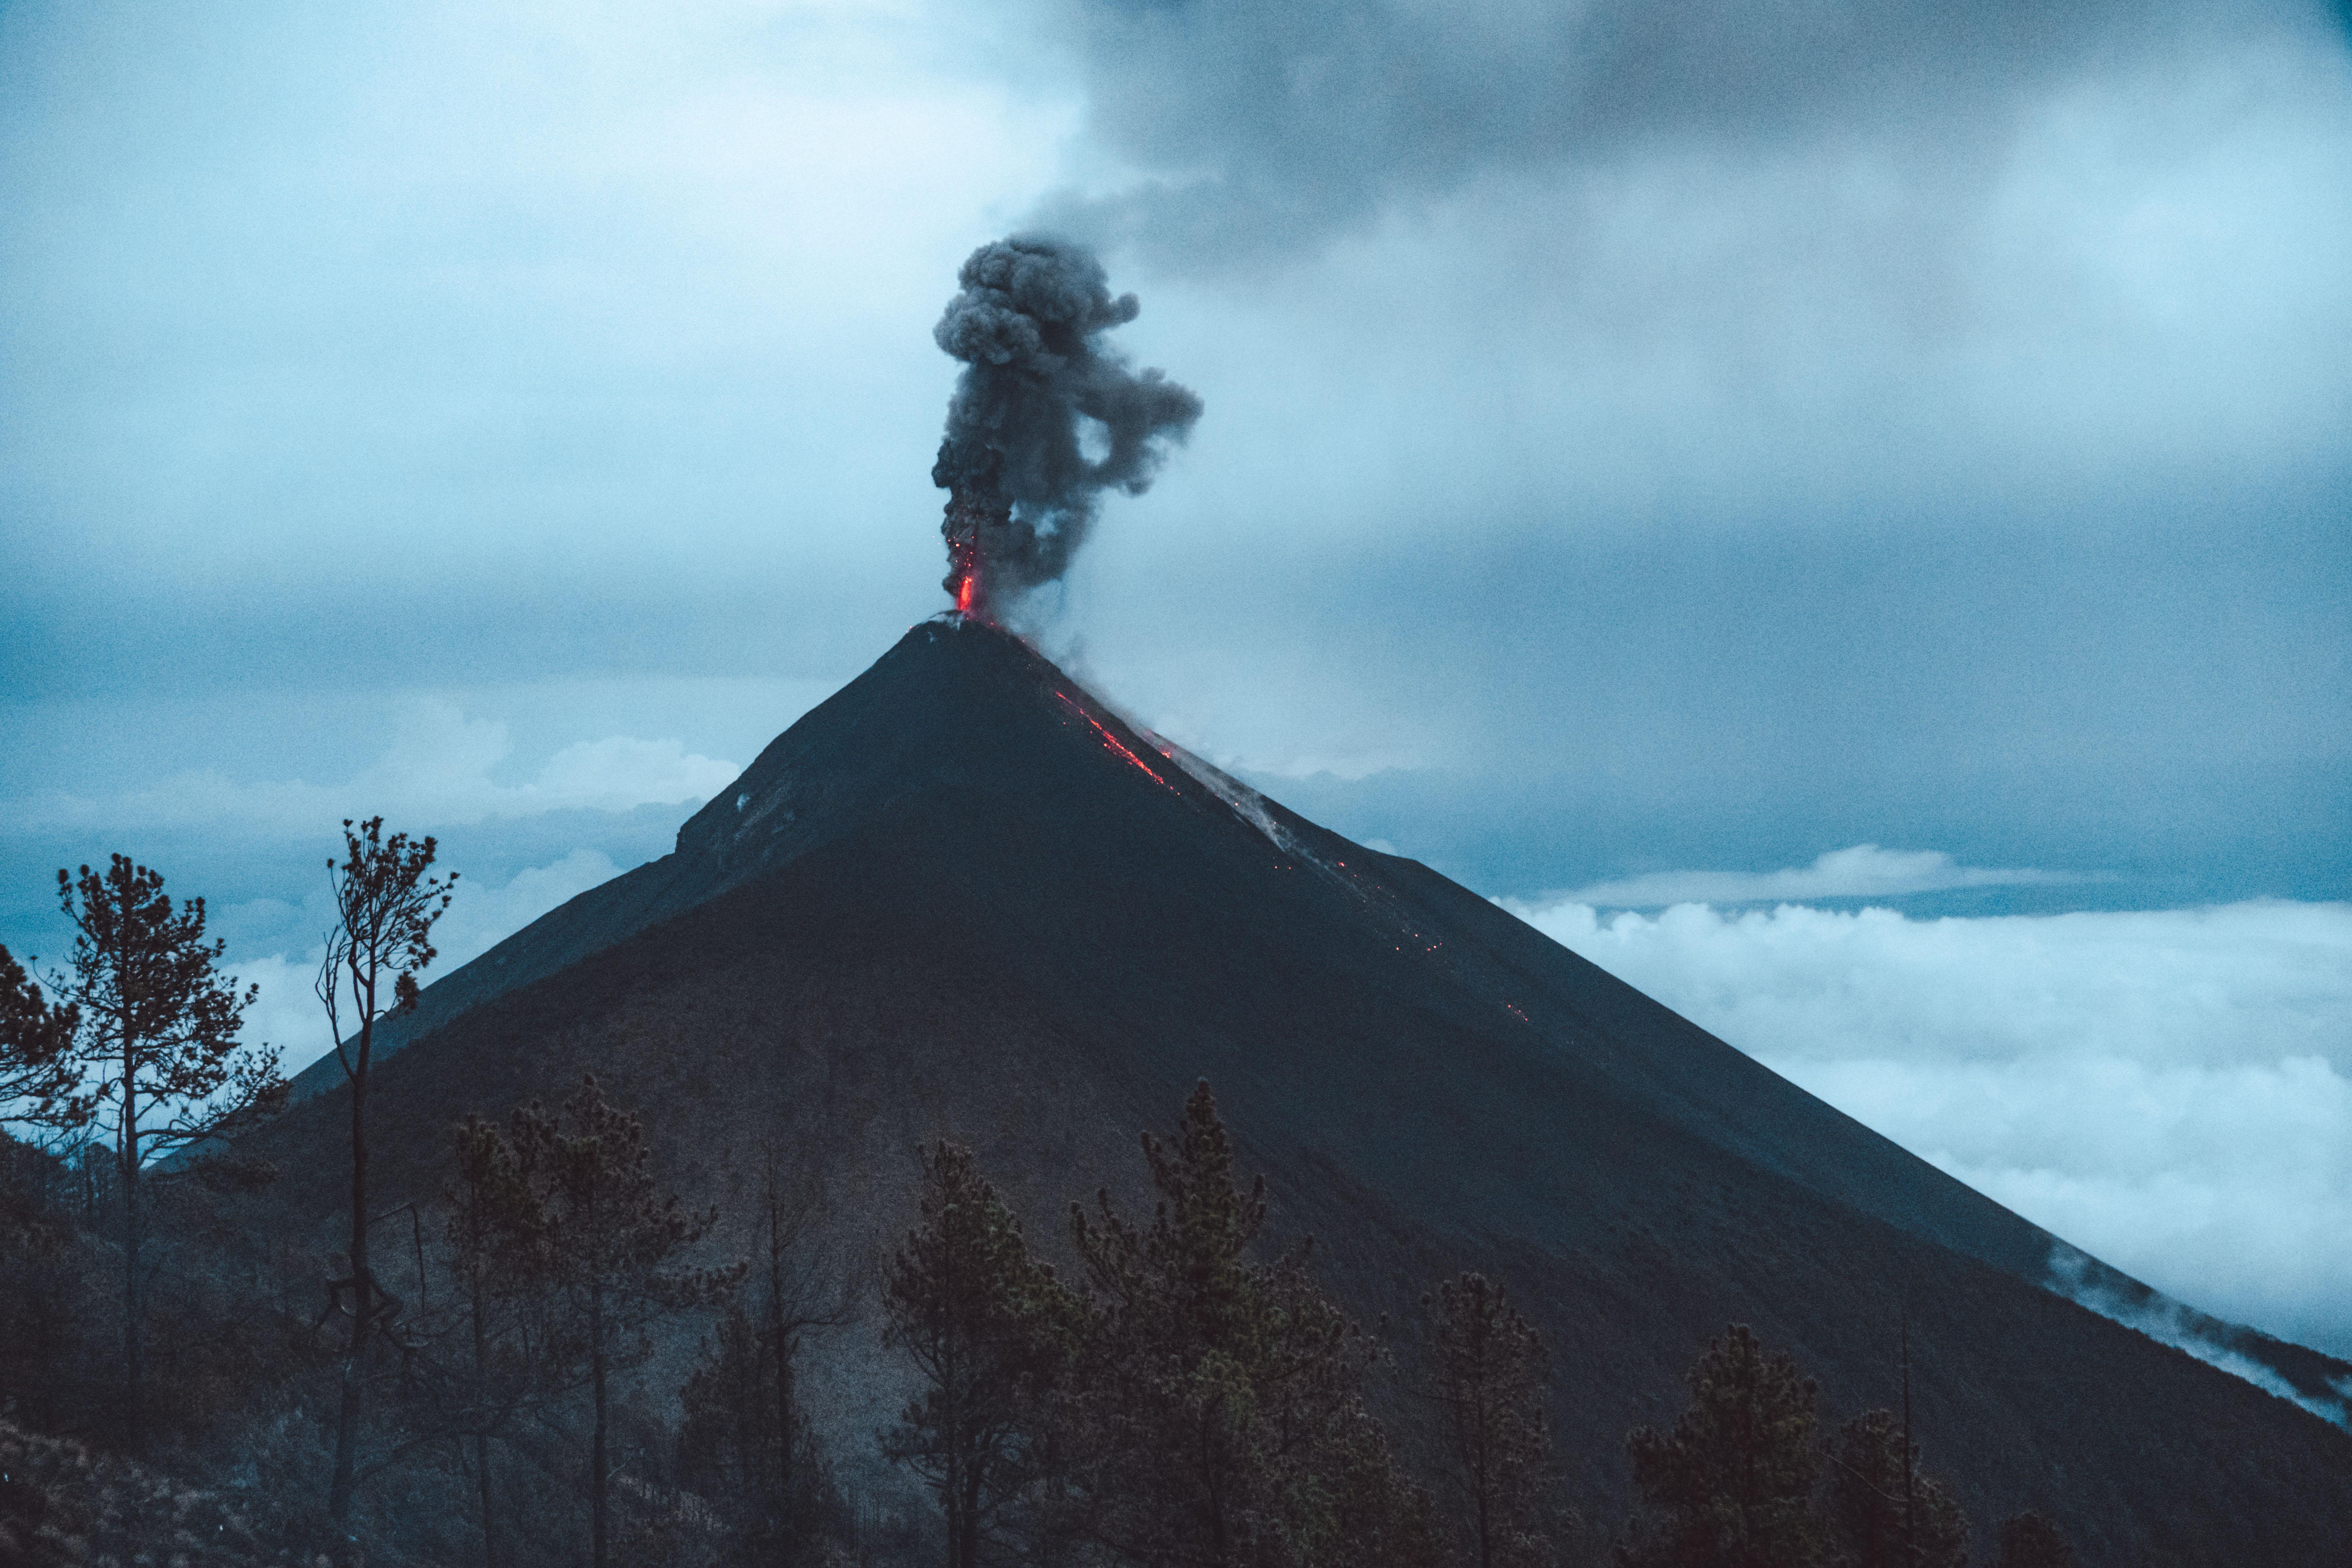 Il Vulcano Fuego in eruzione